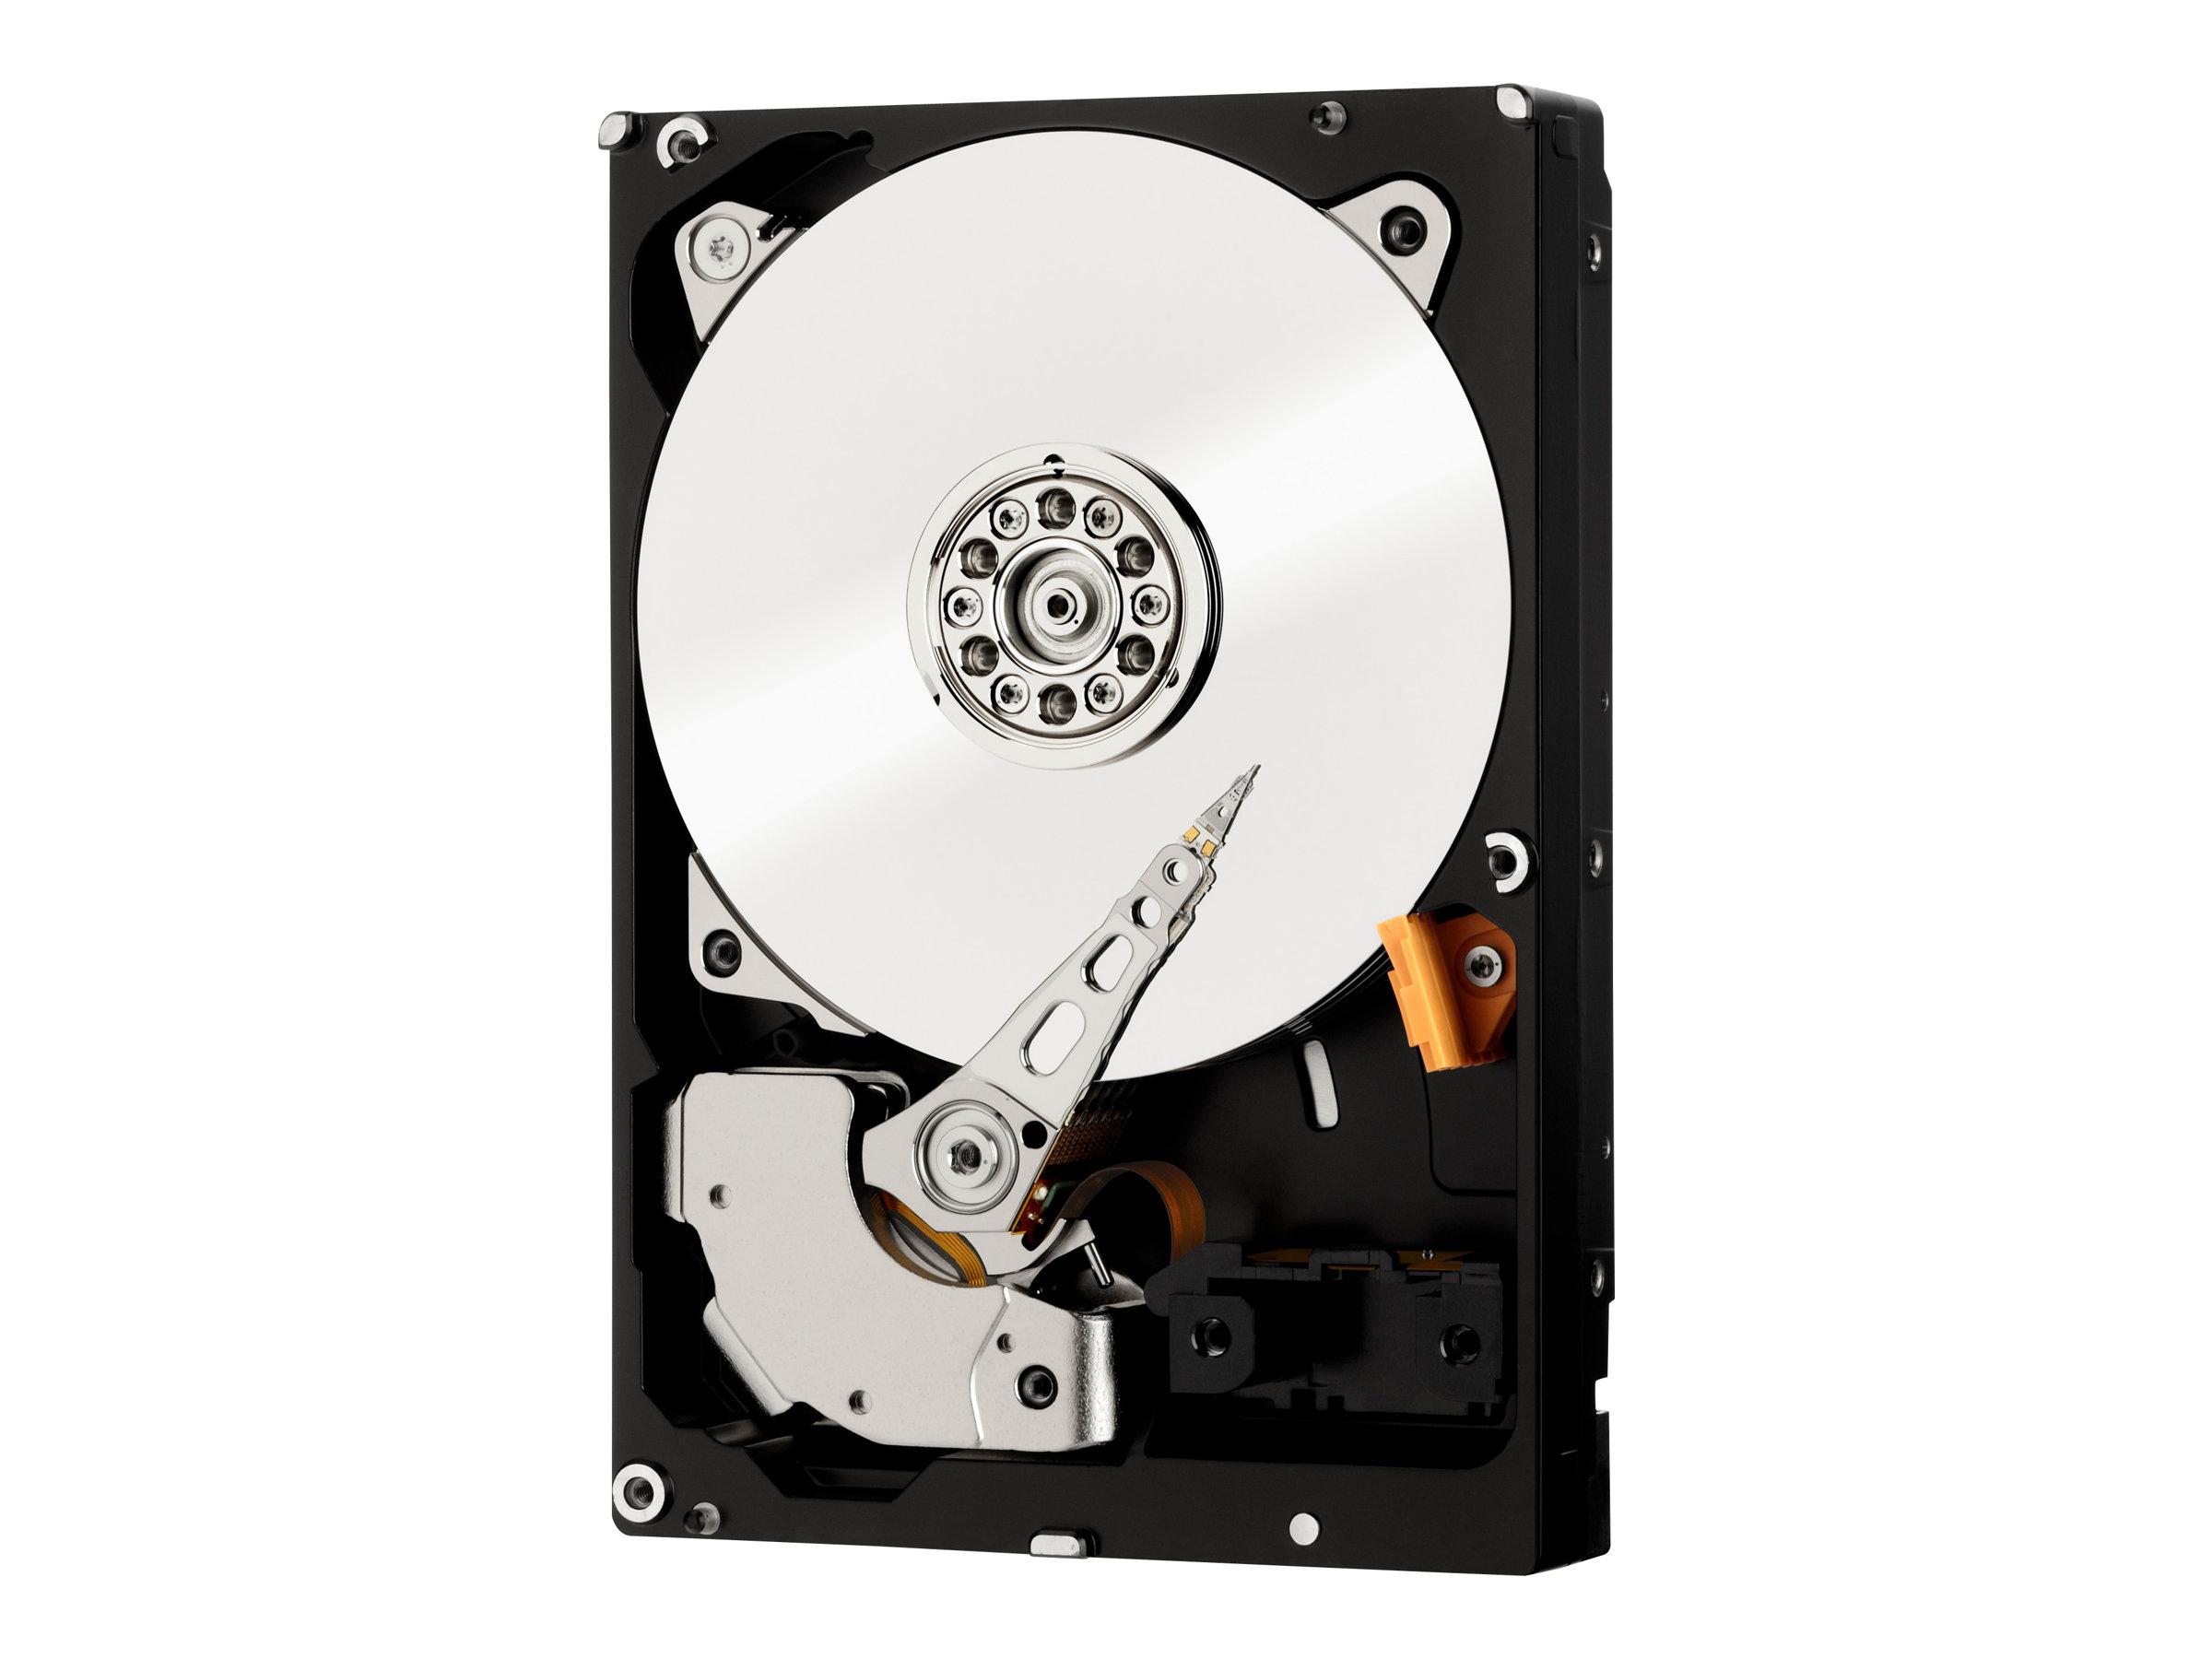 """WD Black Performance Hard Drive WD1003FZEX - Festplatte - 1 TB - intern - 3.5"""" (8.9 cm)"""